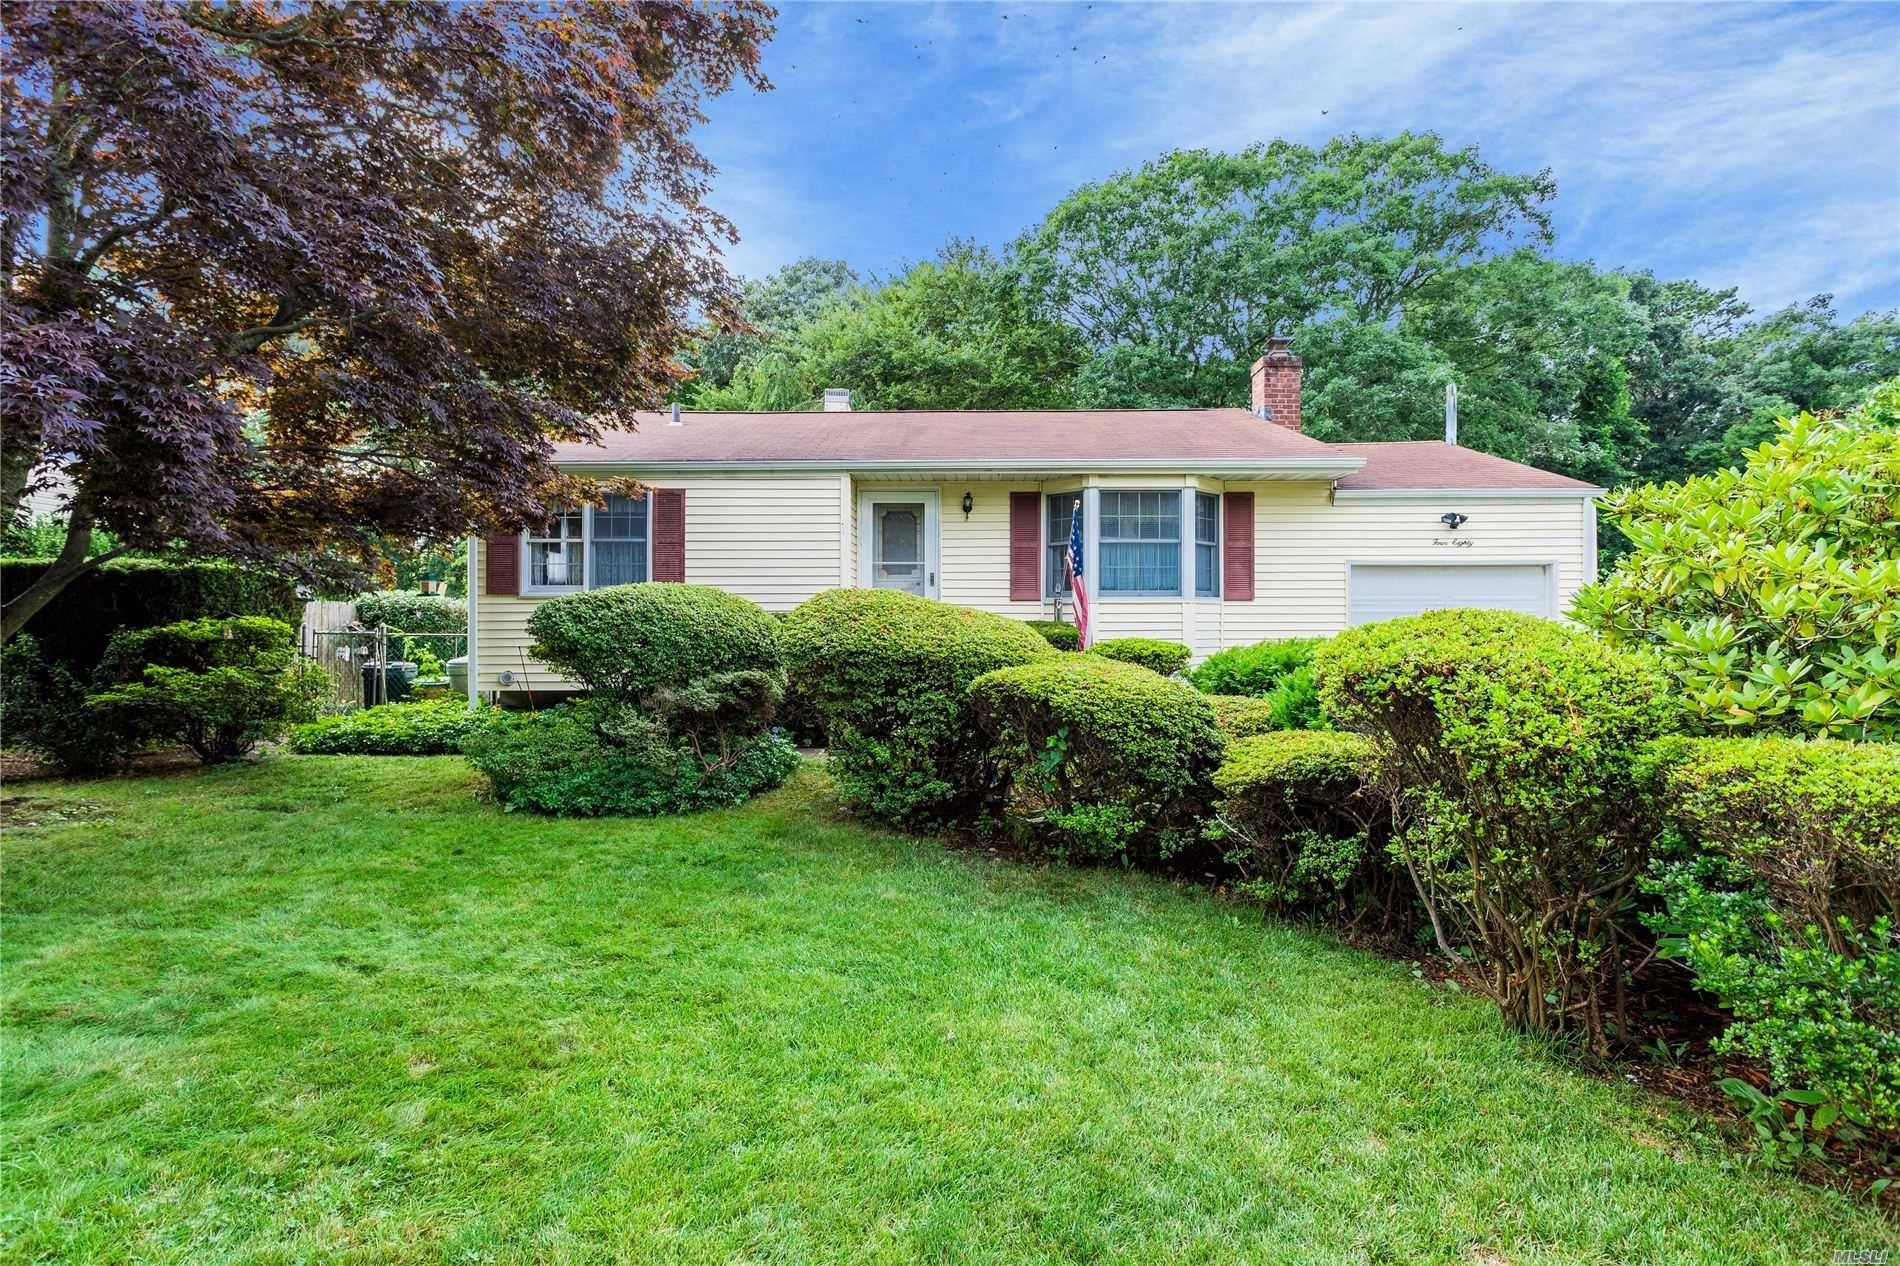 480 Bohemia Pkwy, Sayville, NY 11782 - MLS#: 3238685